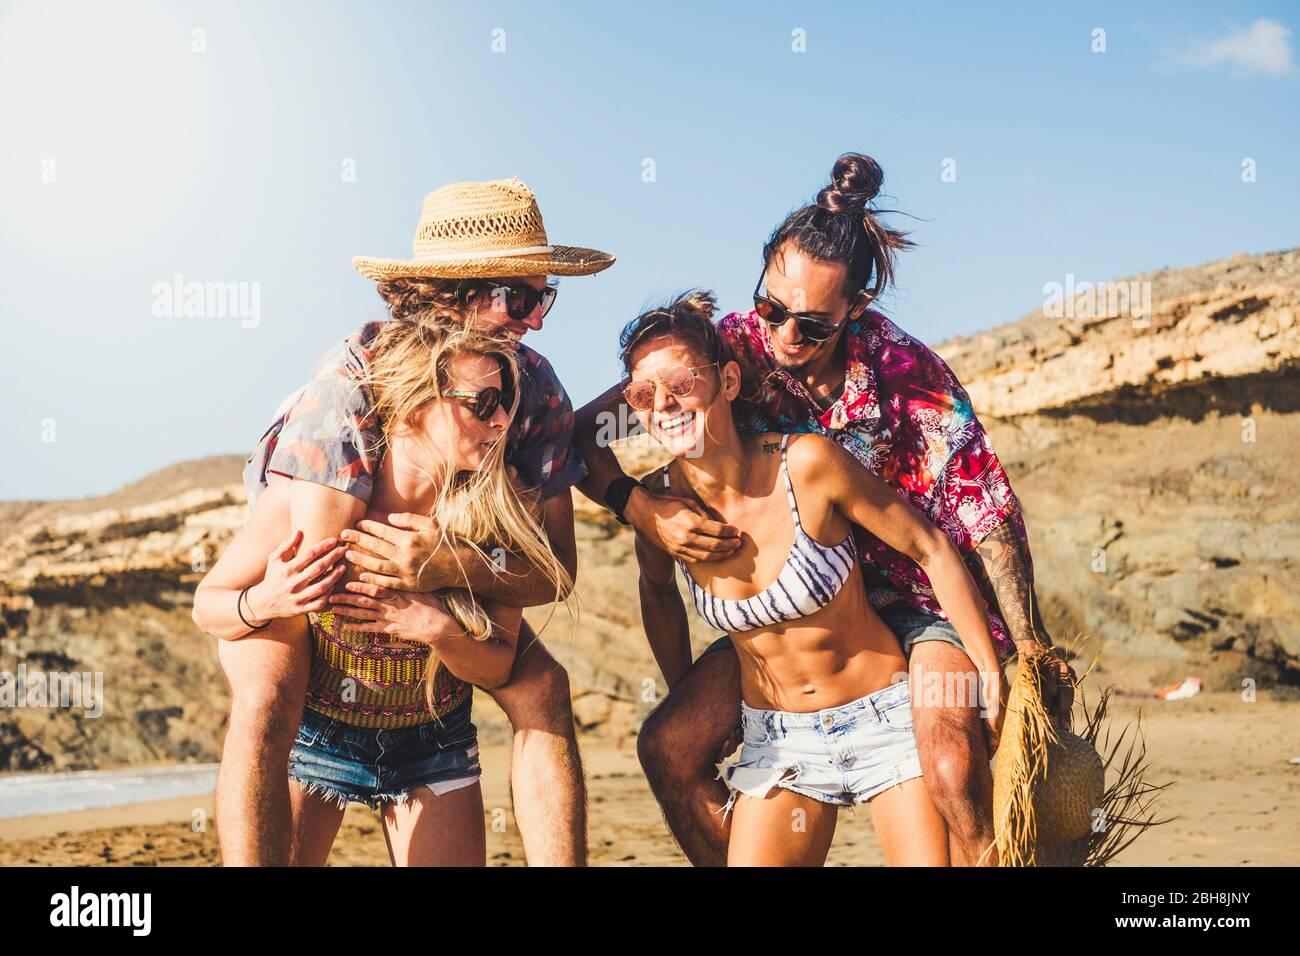 Fröhliche Menschen zwei Paare lachen und haben gemeinsam Spaß - Freunde genießen den Sommerurlaub im berach - Mädchen tragen Jungen - schöne junge Männer und Frauen spielen in glücklicher Freundschaft Stockfoto